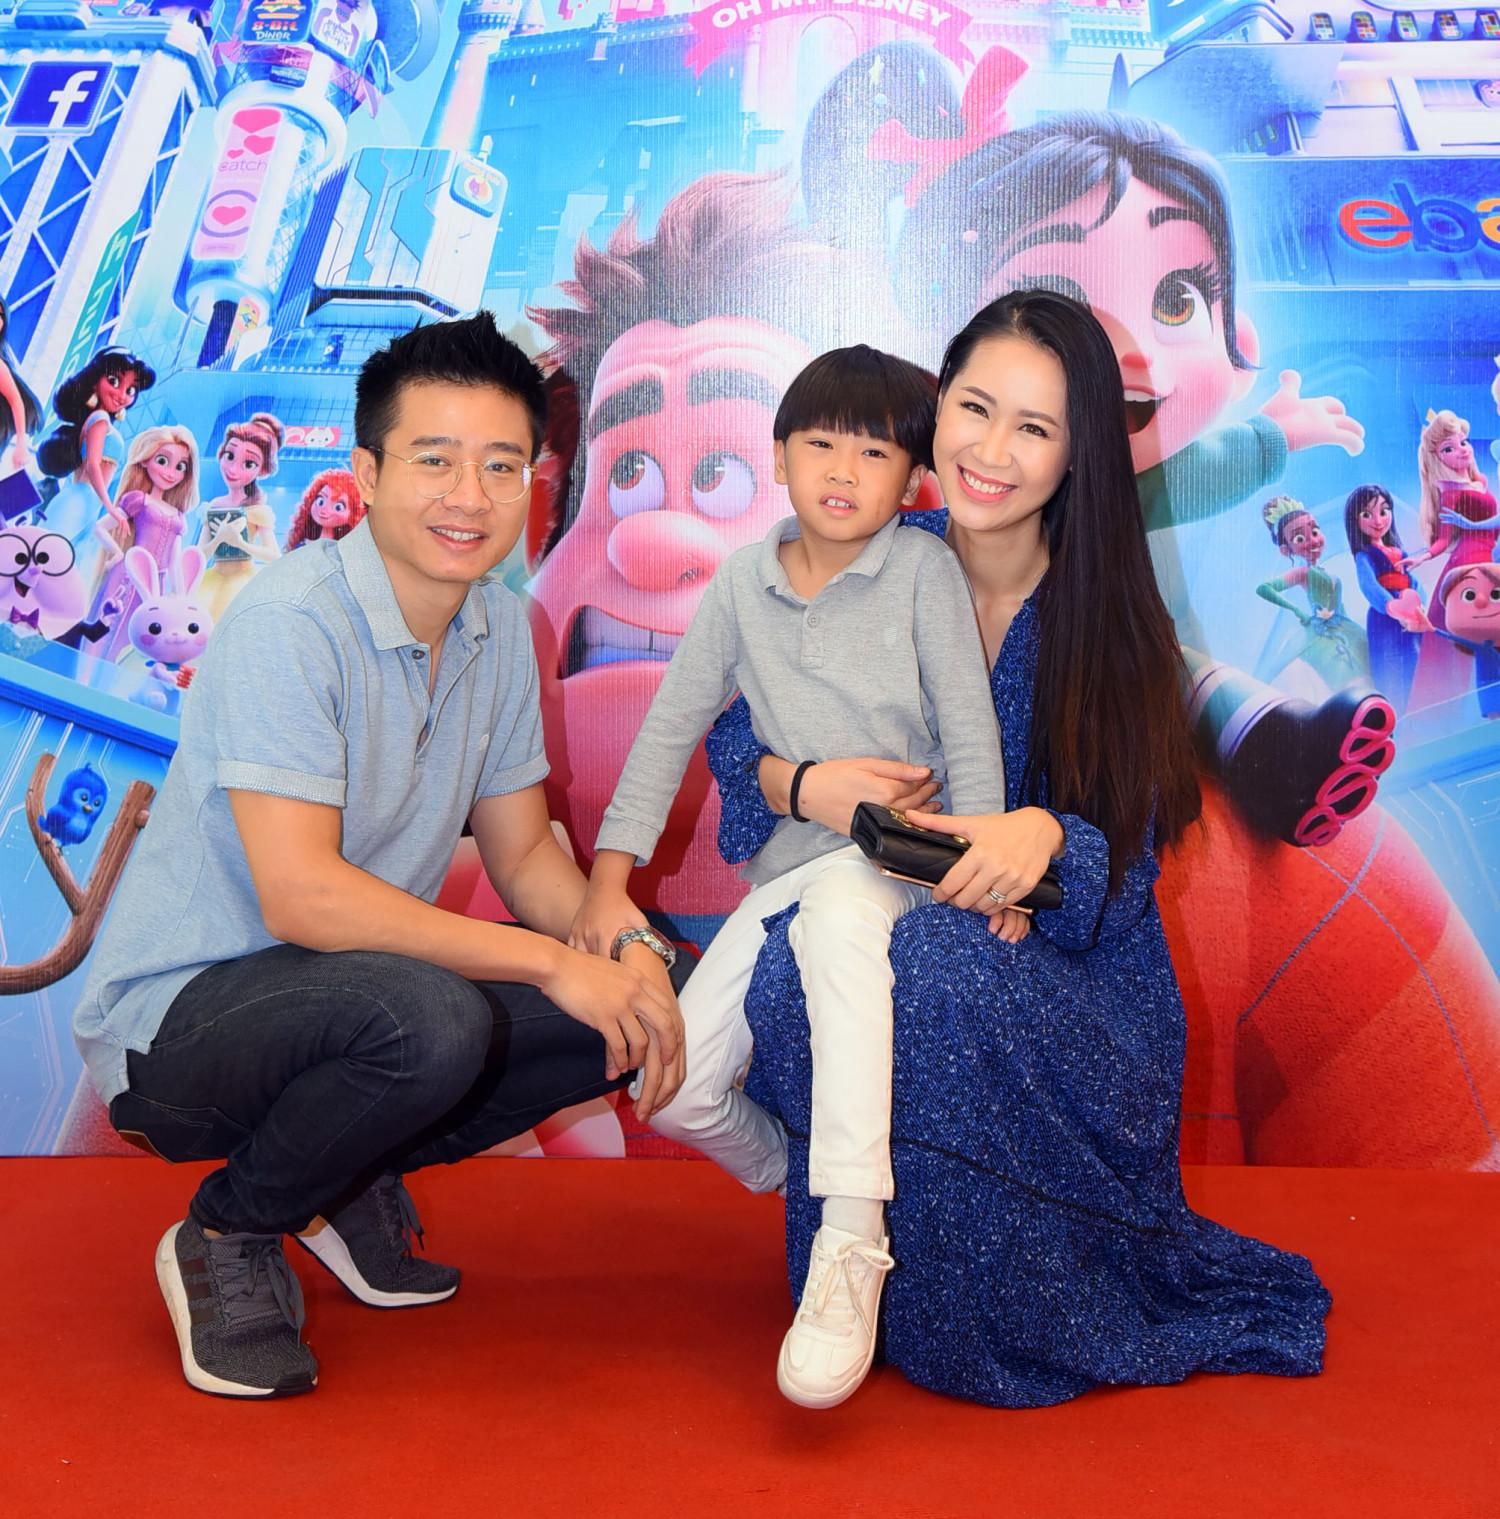 Vợ chồng Hoa hậu Quý bà Thế giới 2018 Dương Thùy Linh và con trai - bé Tót